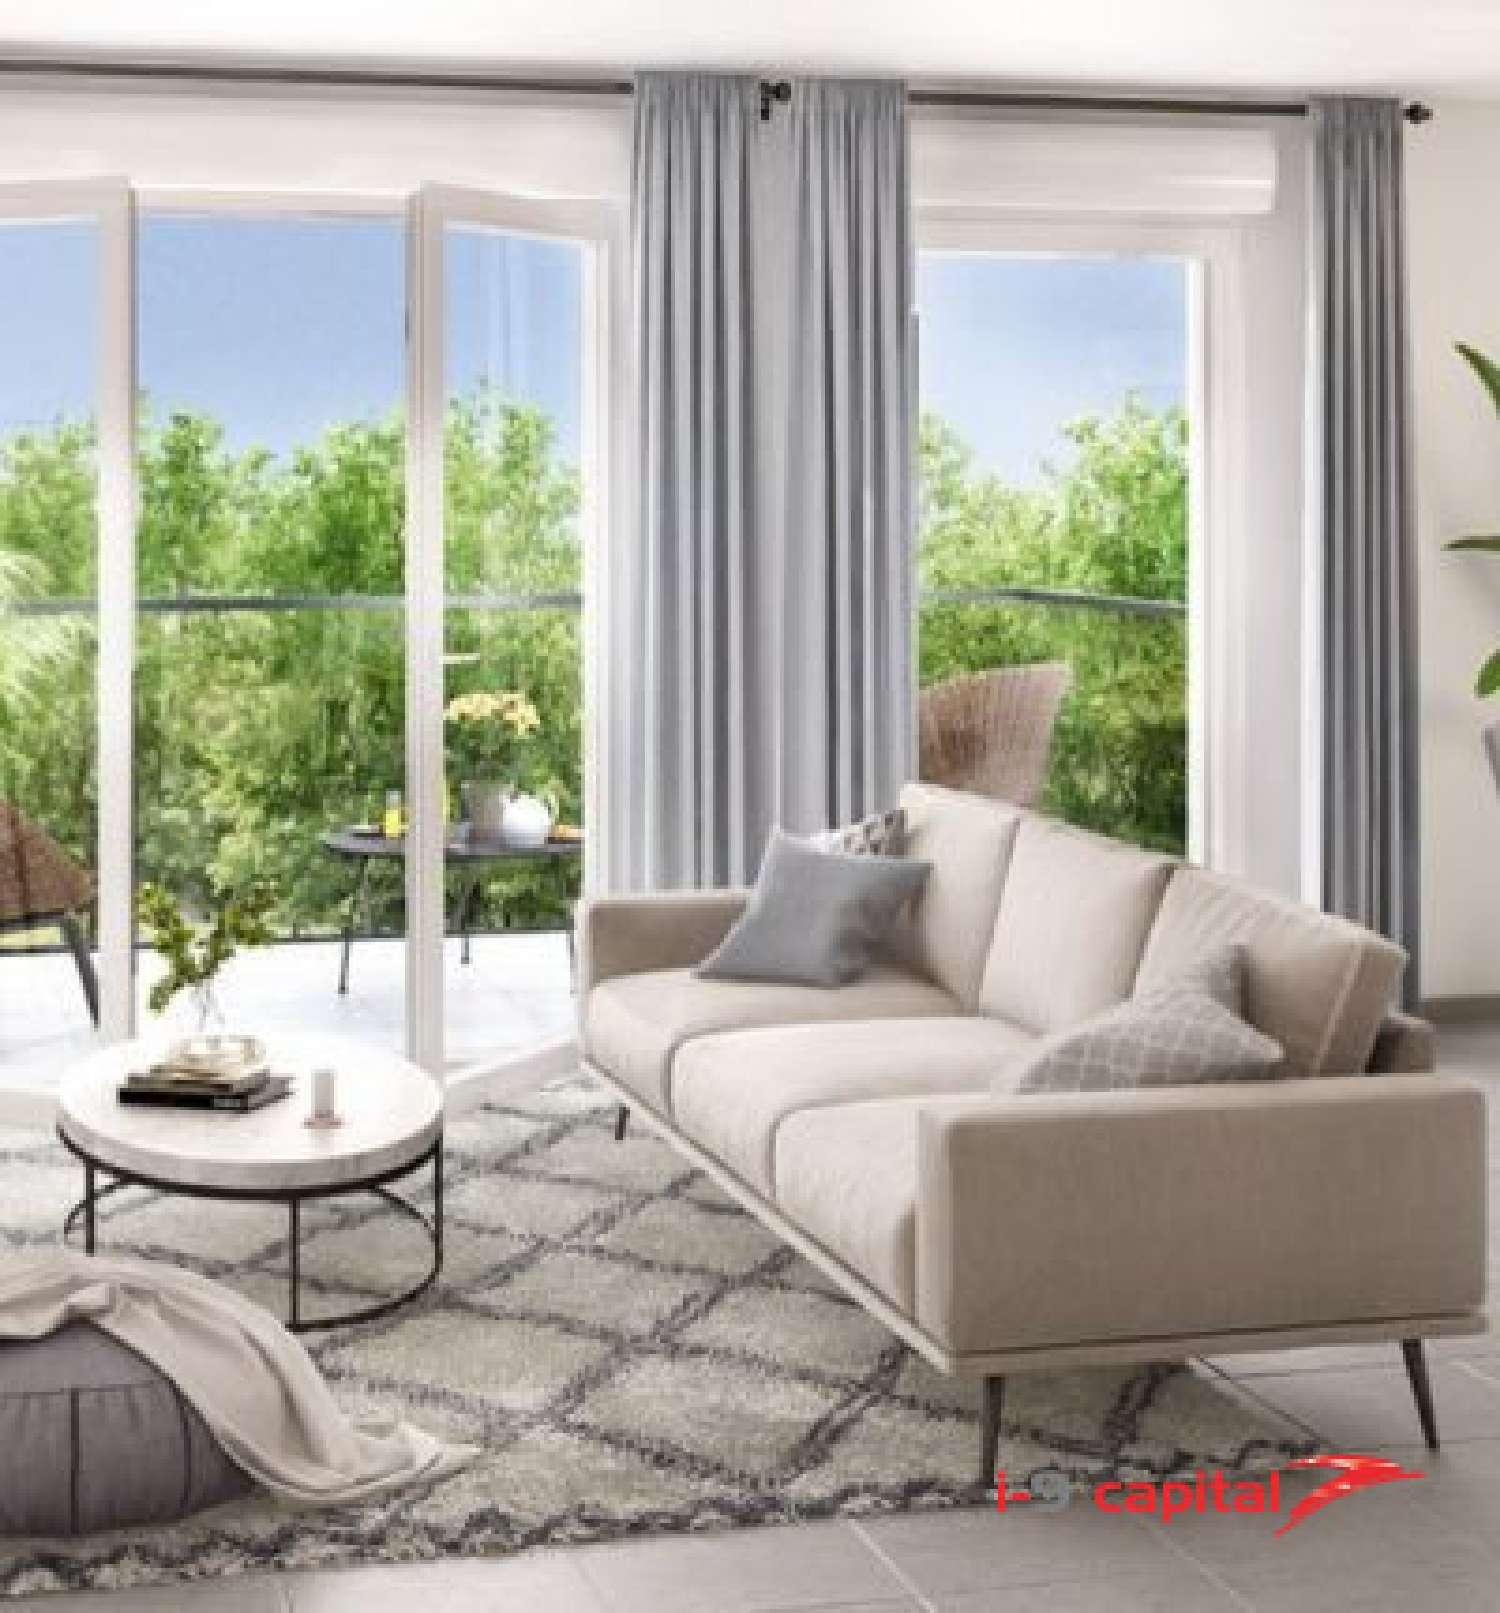 L'Isle-d'Abeau Isère Apartment Bild 4369858